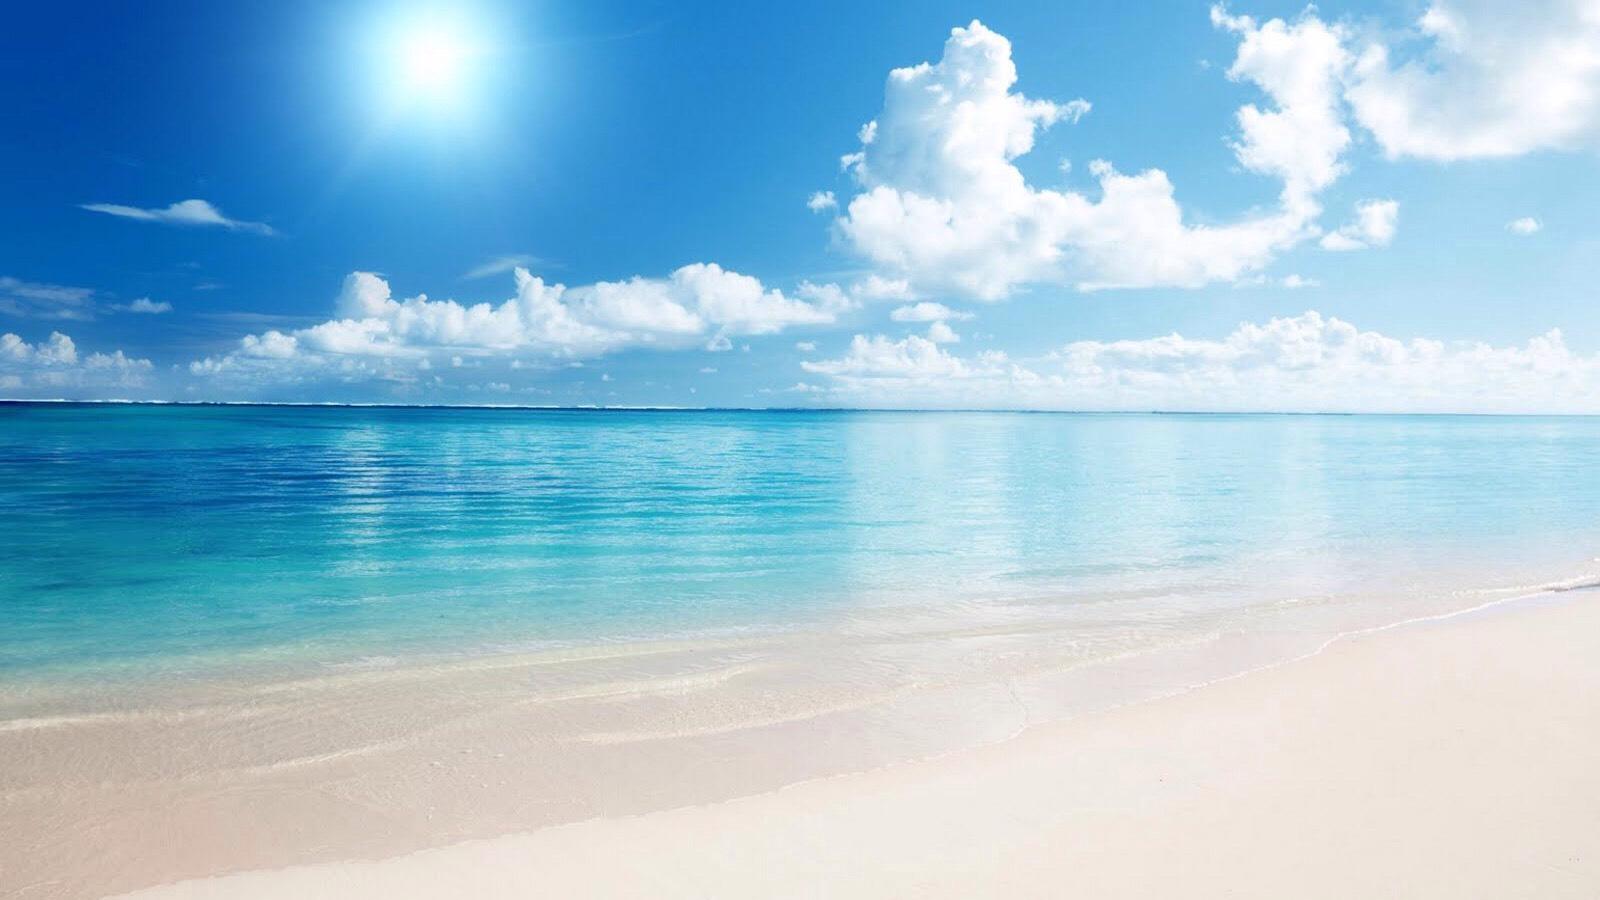 Go to the beach ☀️